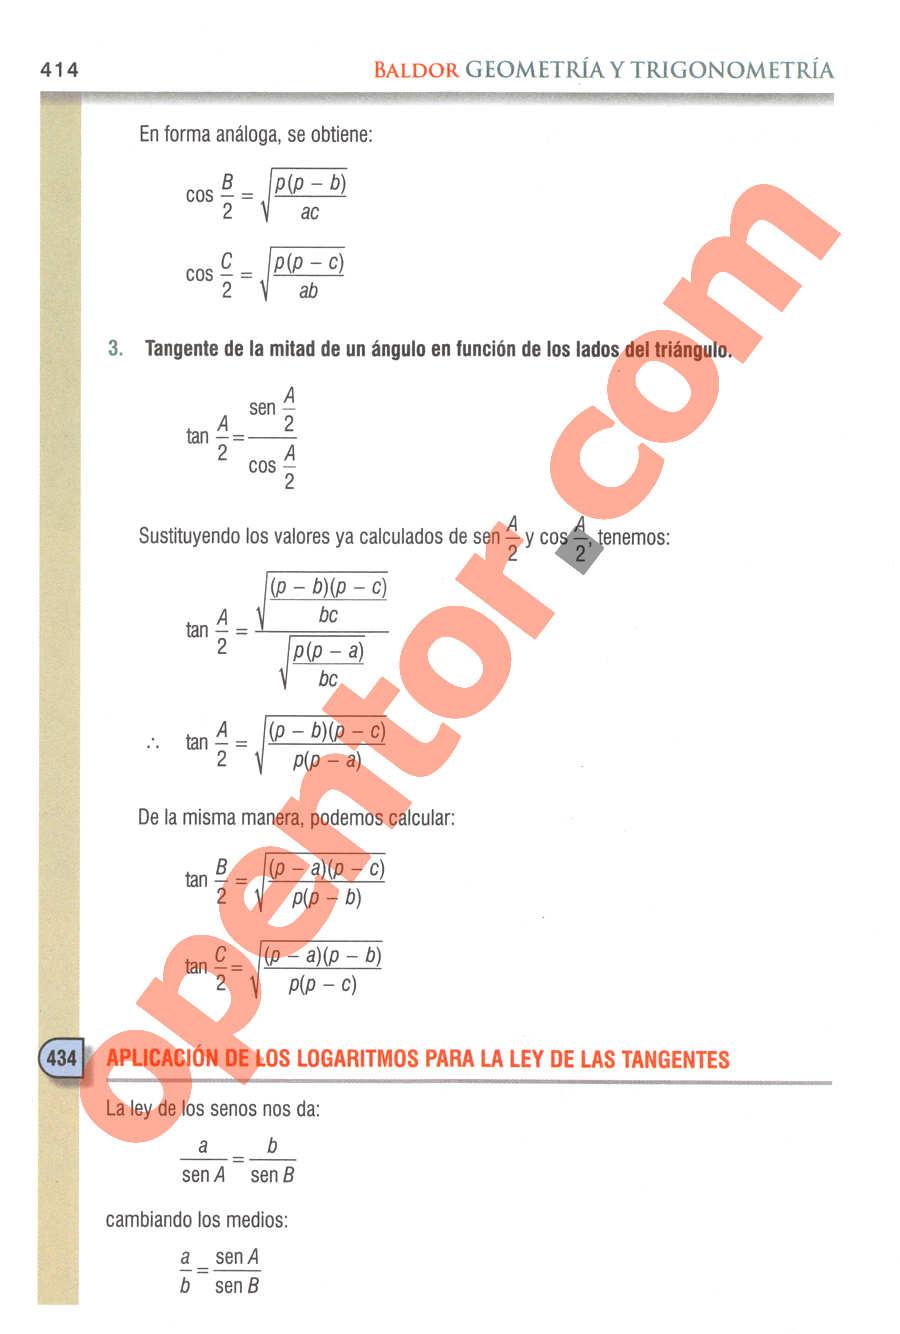 Geometría y Trigonometría de Baldor - Página 414